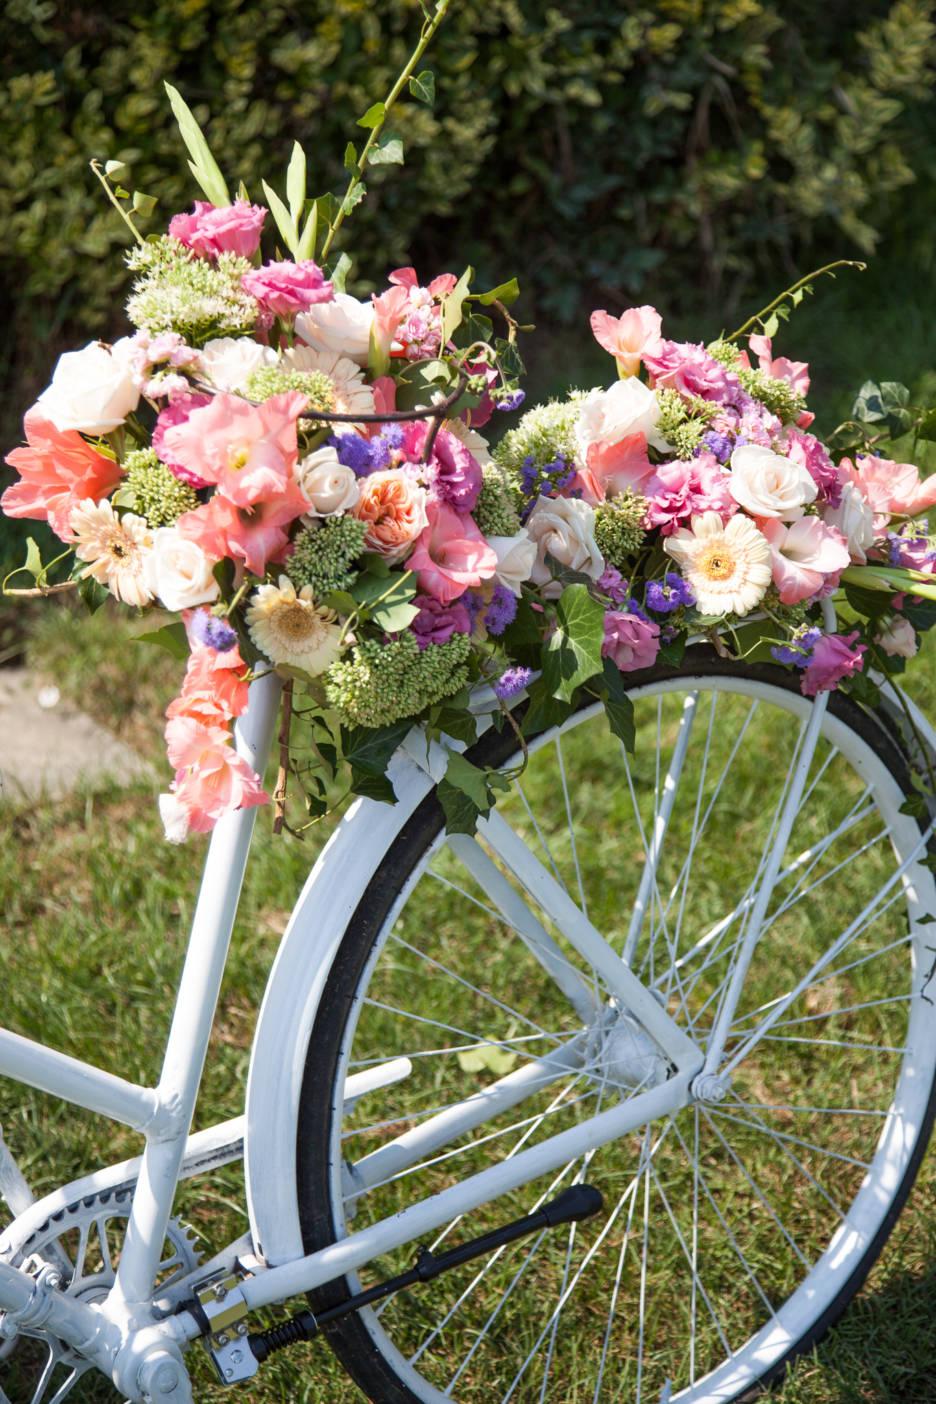 Poza, foto cu Flori de nunta castel domeniul lupas, decor colt photo in Arad, Timisoara, Oradea (wedding flowers, bouquets) nunta Arad, Timisoara, Oradea